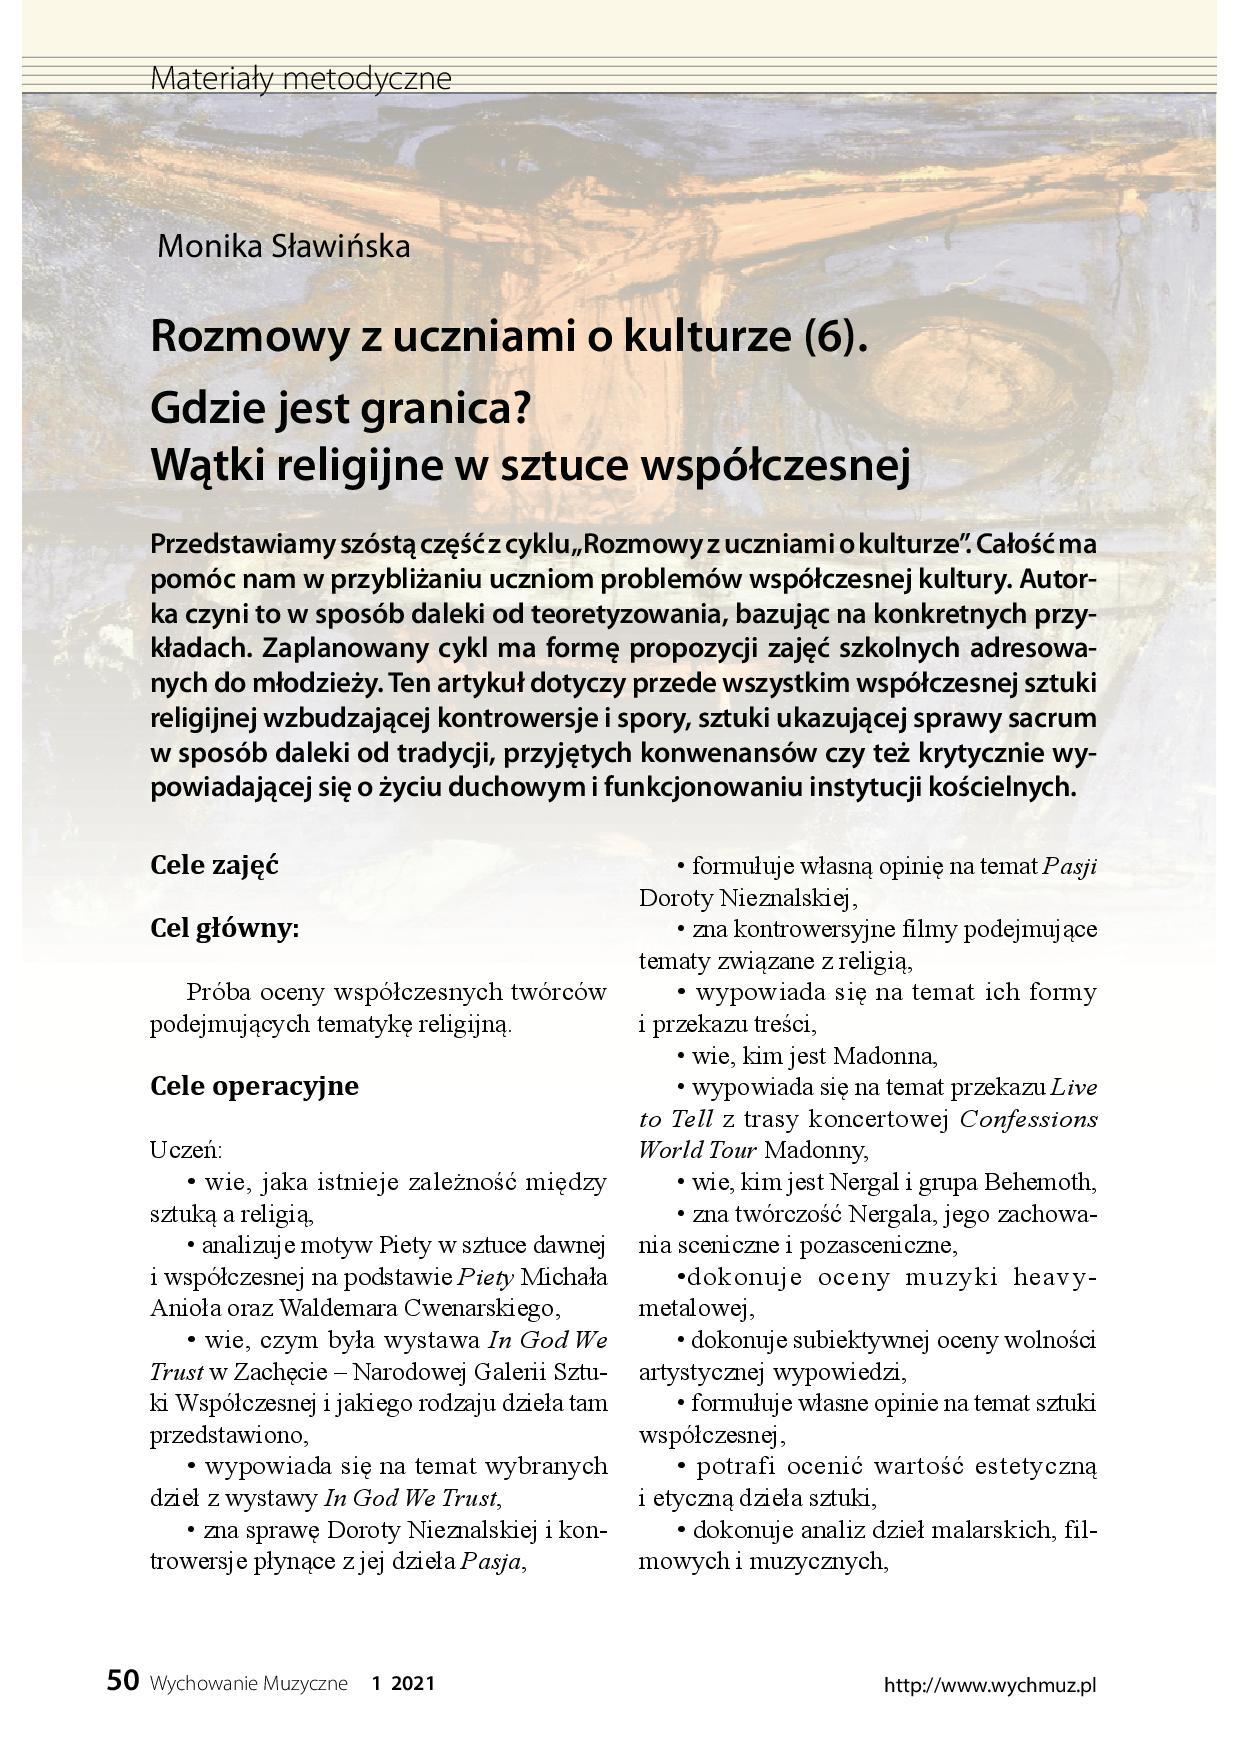 Rozmowy z uczniami o kulturze (6). Gdzie jest granica? Wątki religijne w sztuce współczesnej